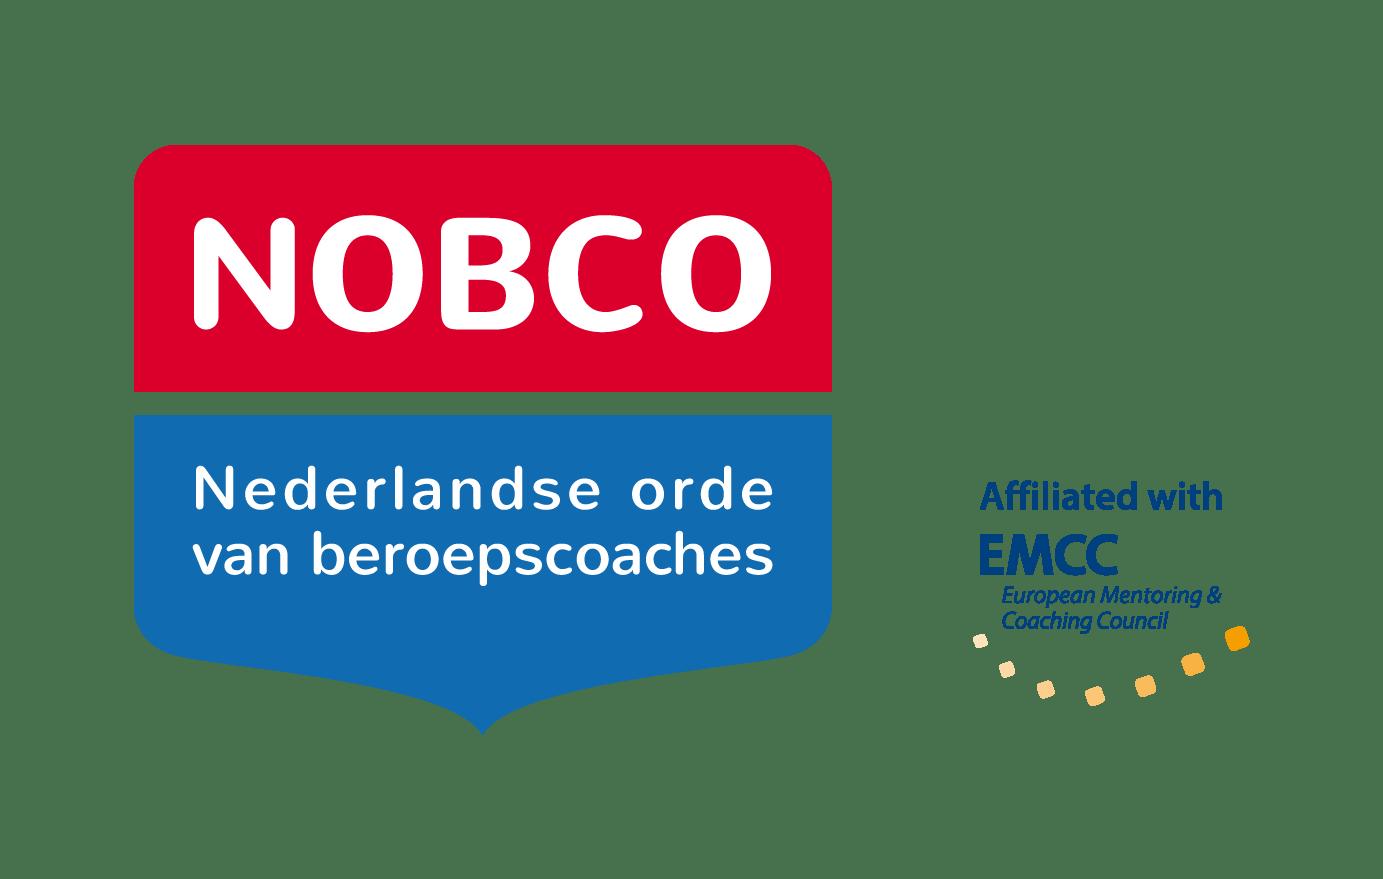 NOBCO Coach